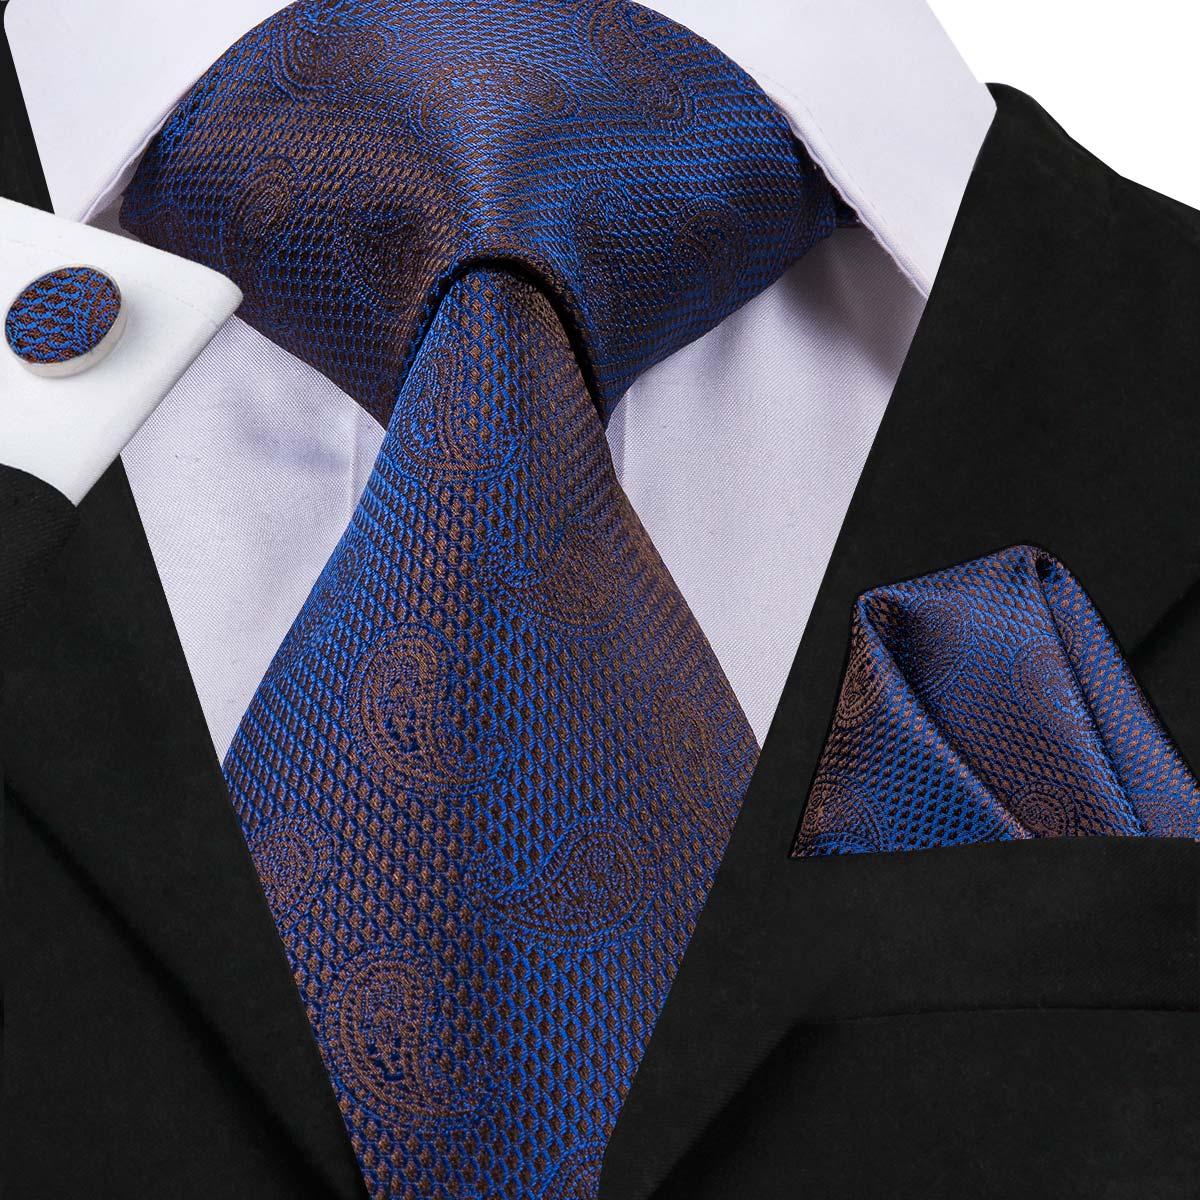 C-3048 Hi-Tie Luxury 100% Silk Men Tie Paisley Blue Necktie Hanky Cufflinks Set 8.5cm Men's Classic Party Wedding Tie Set 150cm